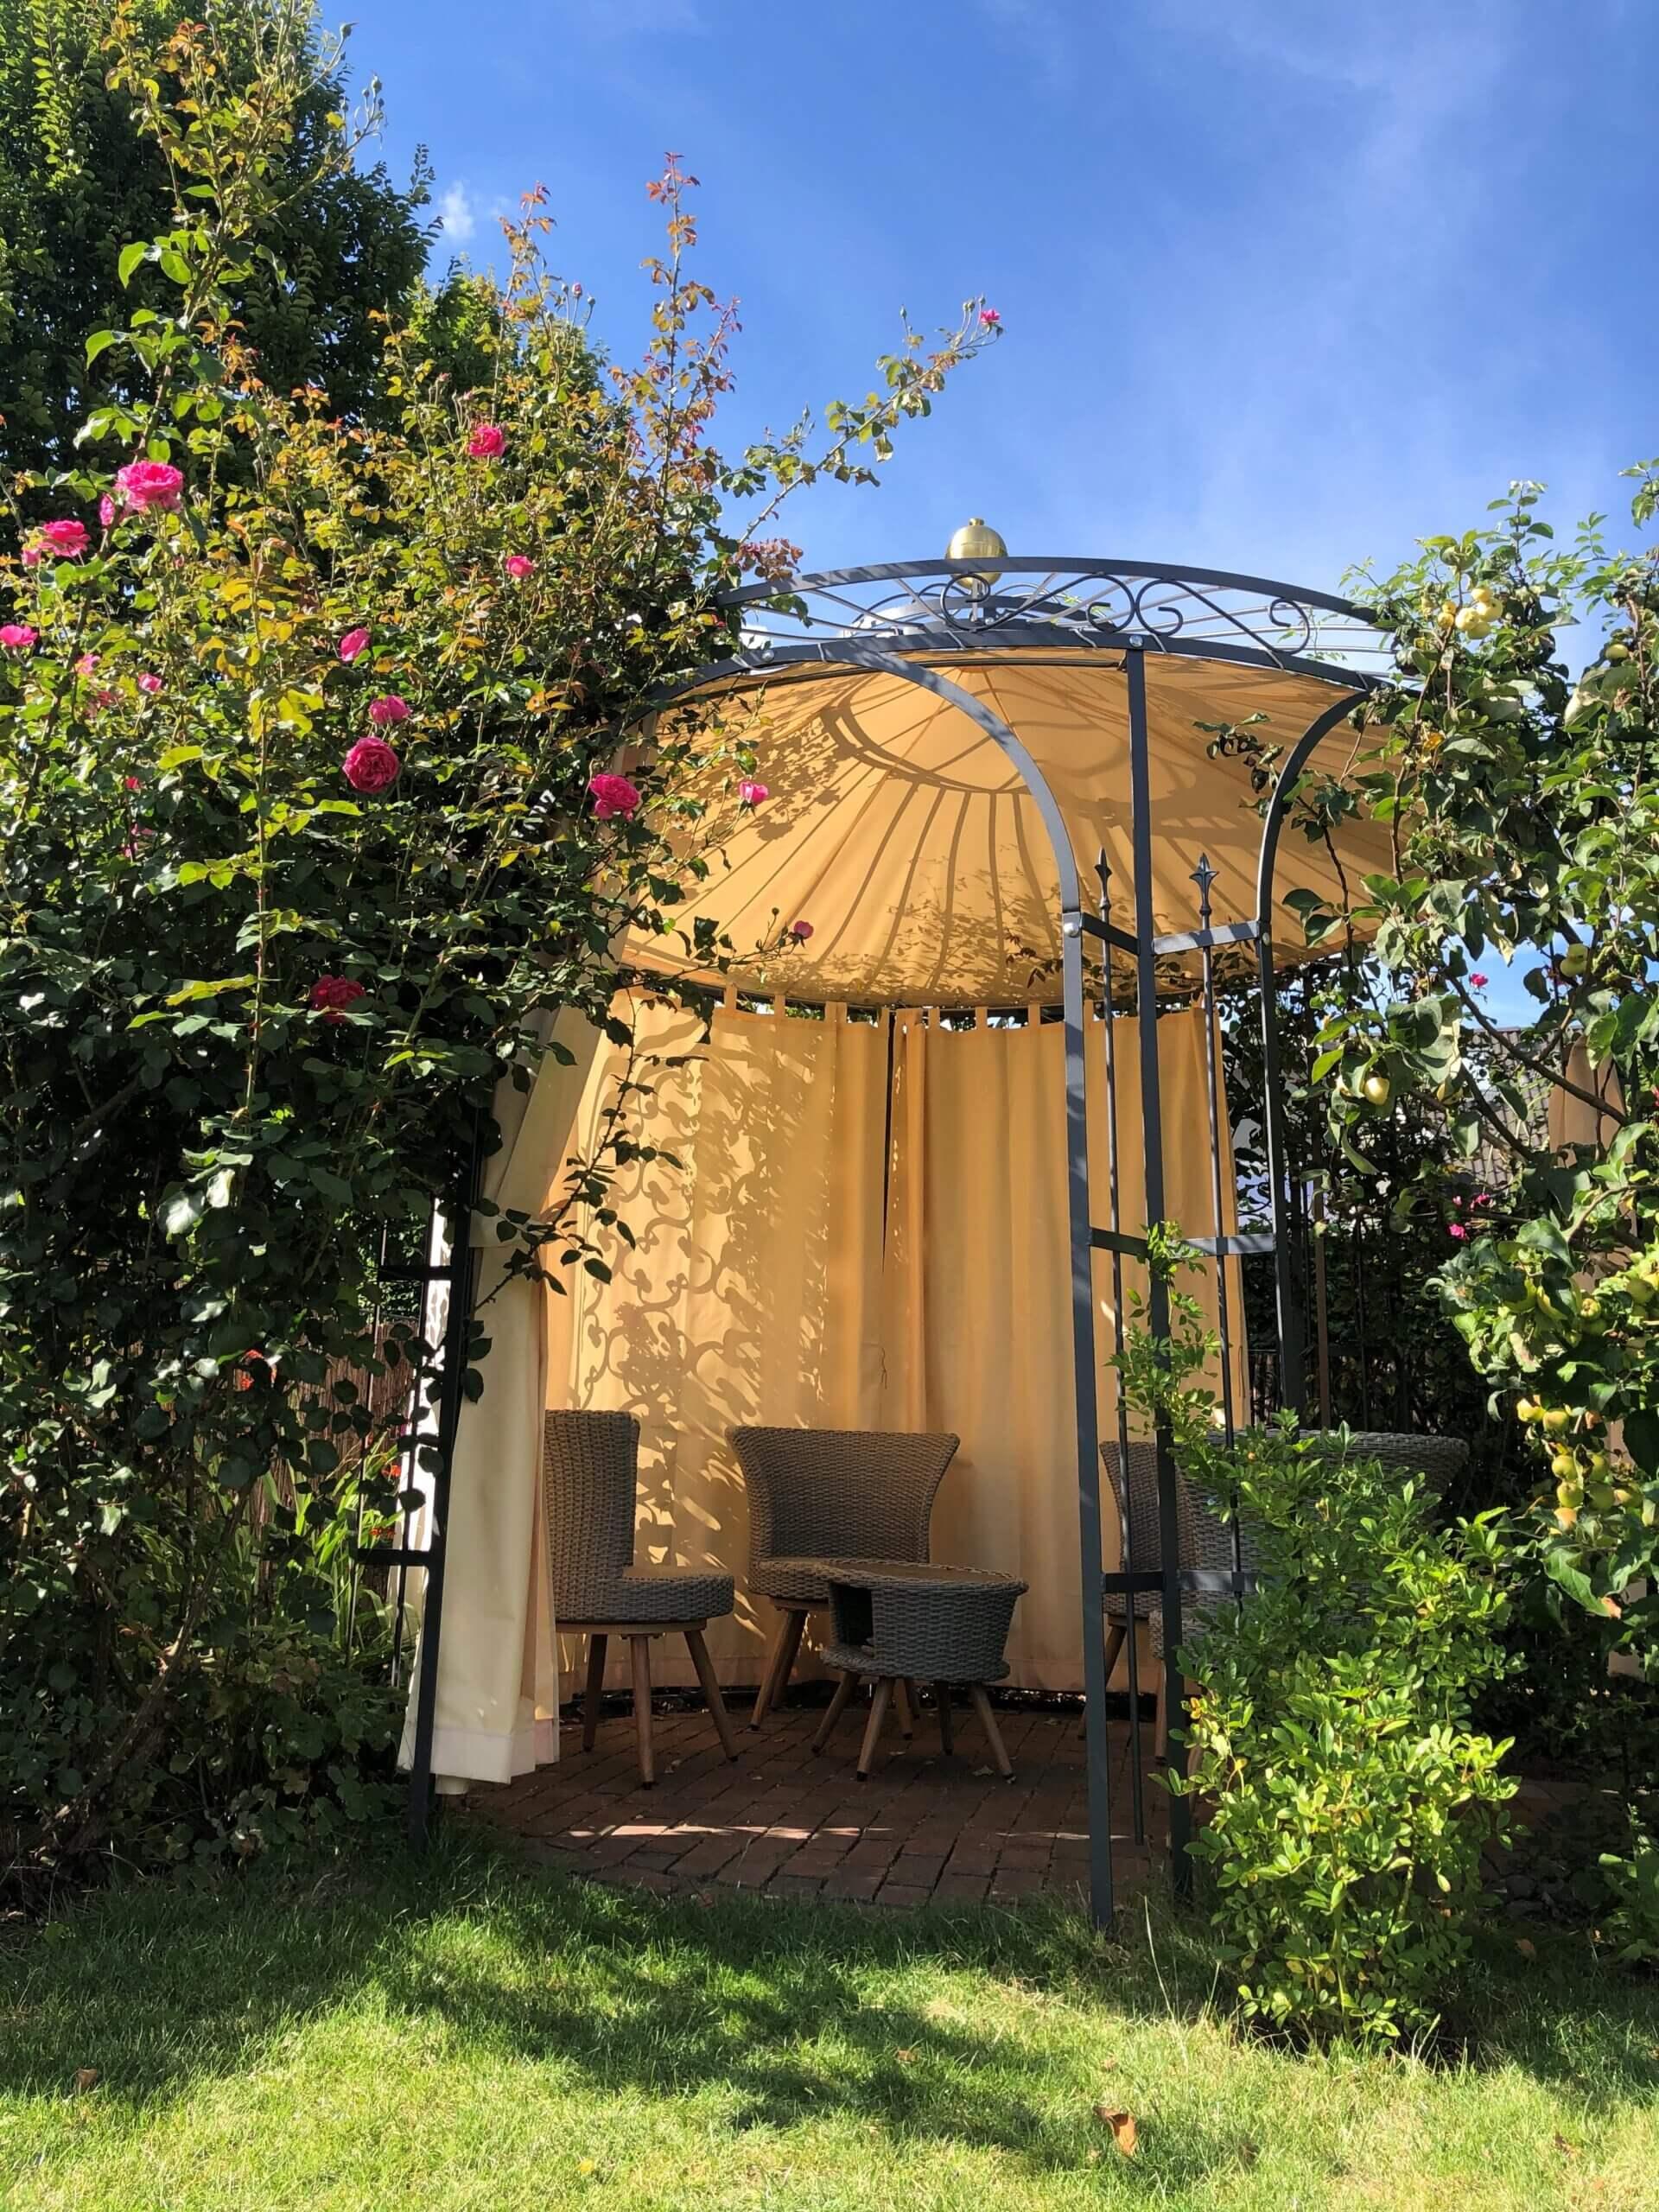 Pavillon Milano pulverbeschichtet mit Vorhängen, Messingkugel und Sonnensegel